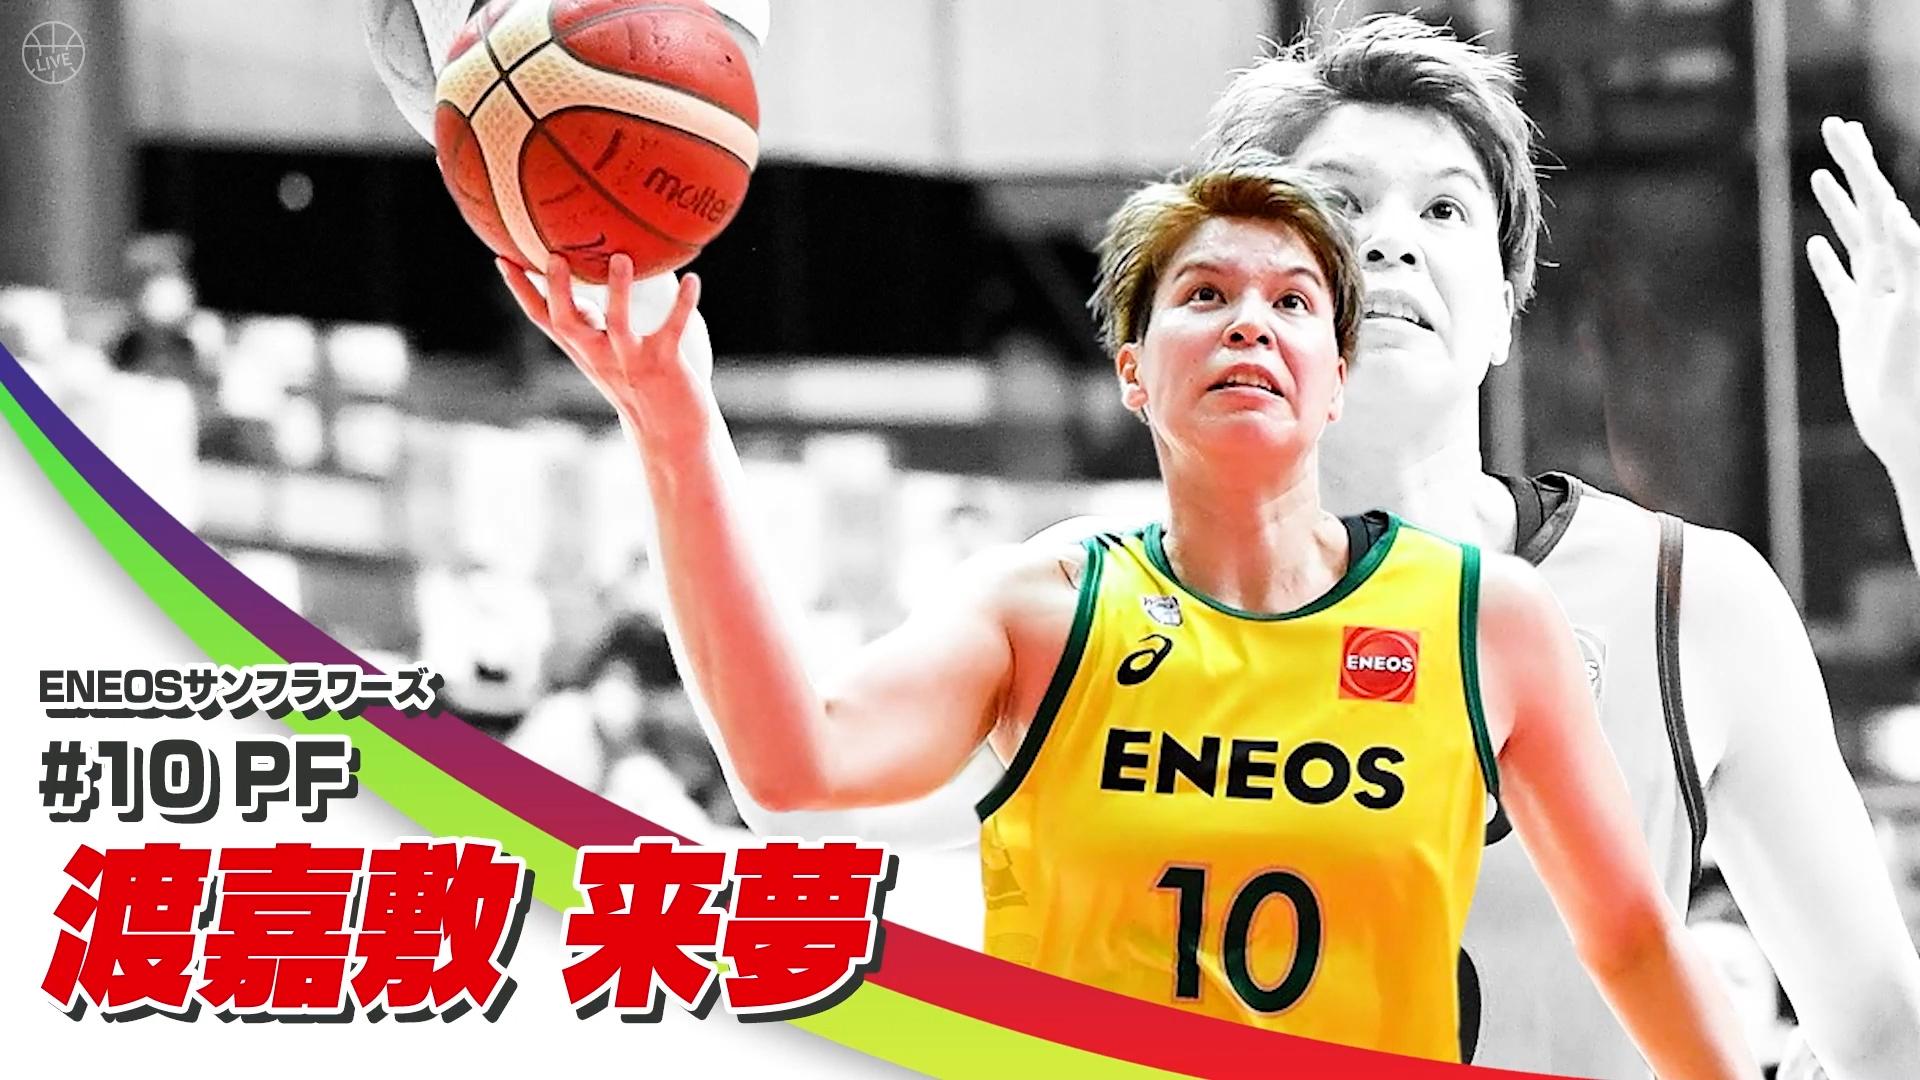 【女子バスケ】Wリーグ開幕!注目選手!渡嘉敷来夢(ENEOSサンフラワーズ)